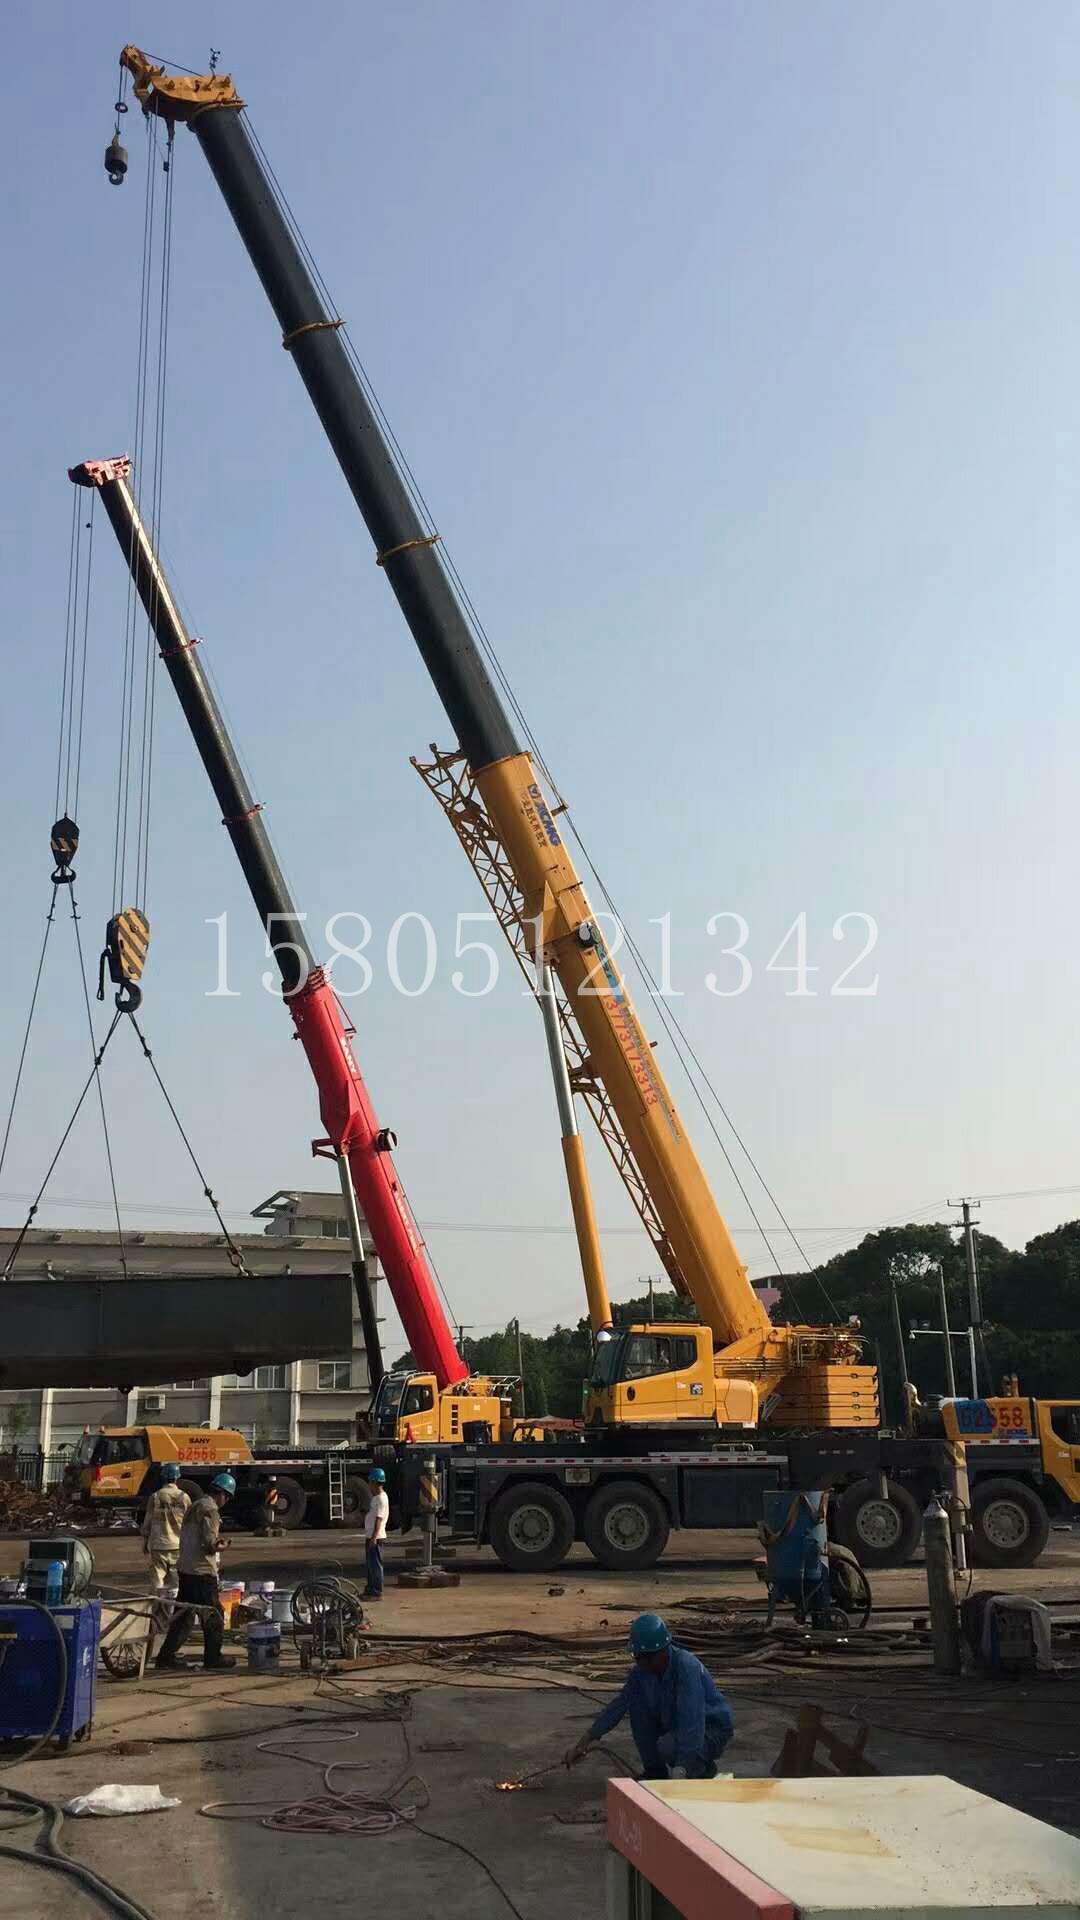 昆山650吨吊车出租公司